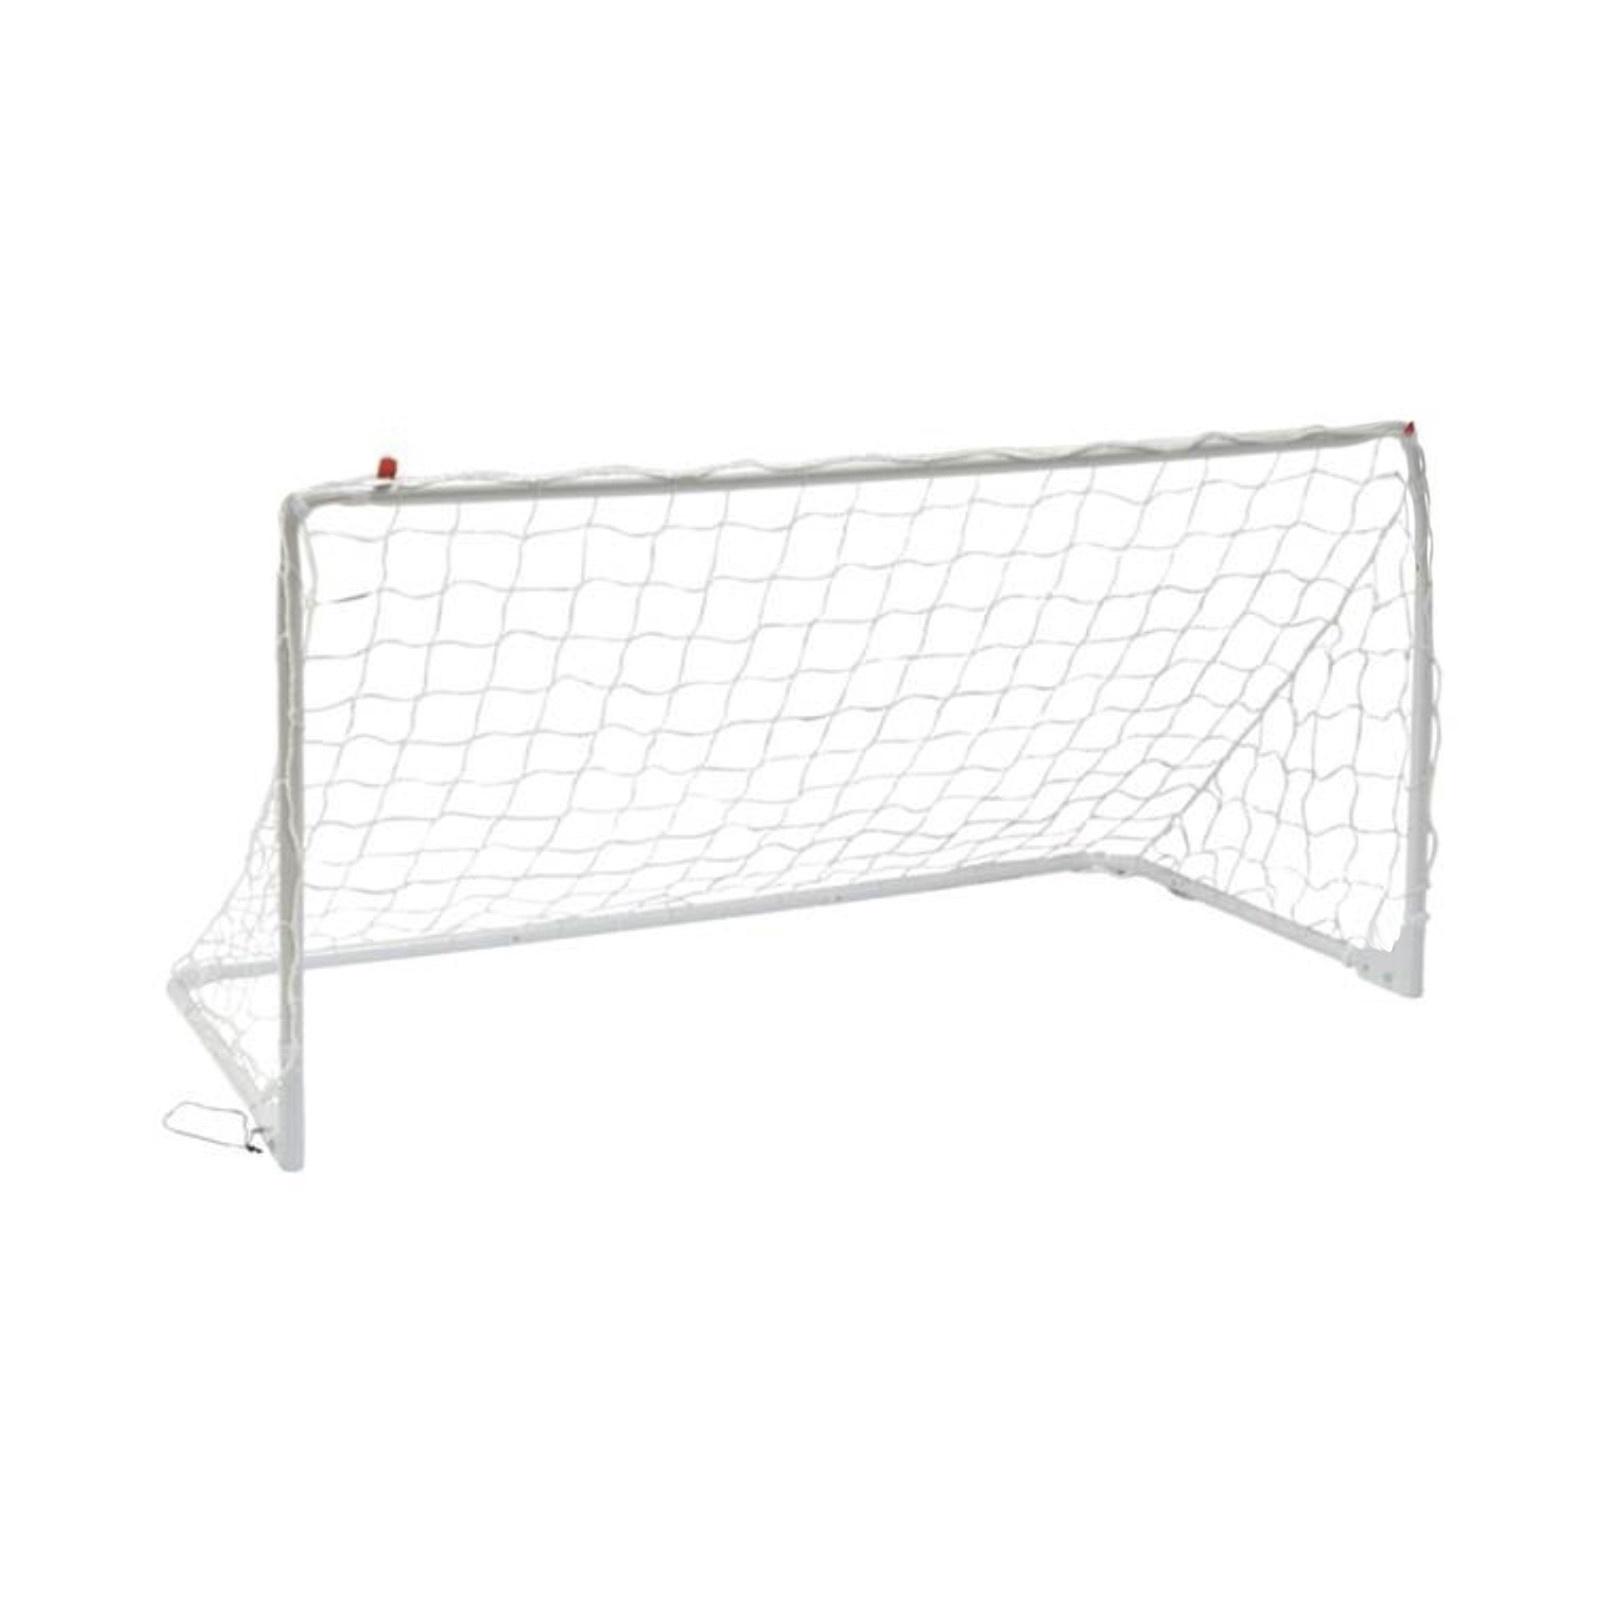 Футбольные ворота DFC складные GOAL180S, белый dfc ворота складные с тентом goal240st